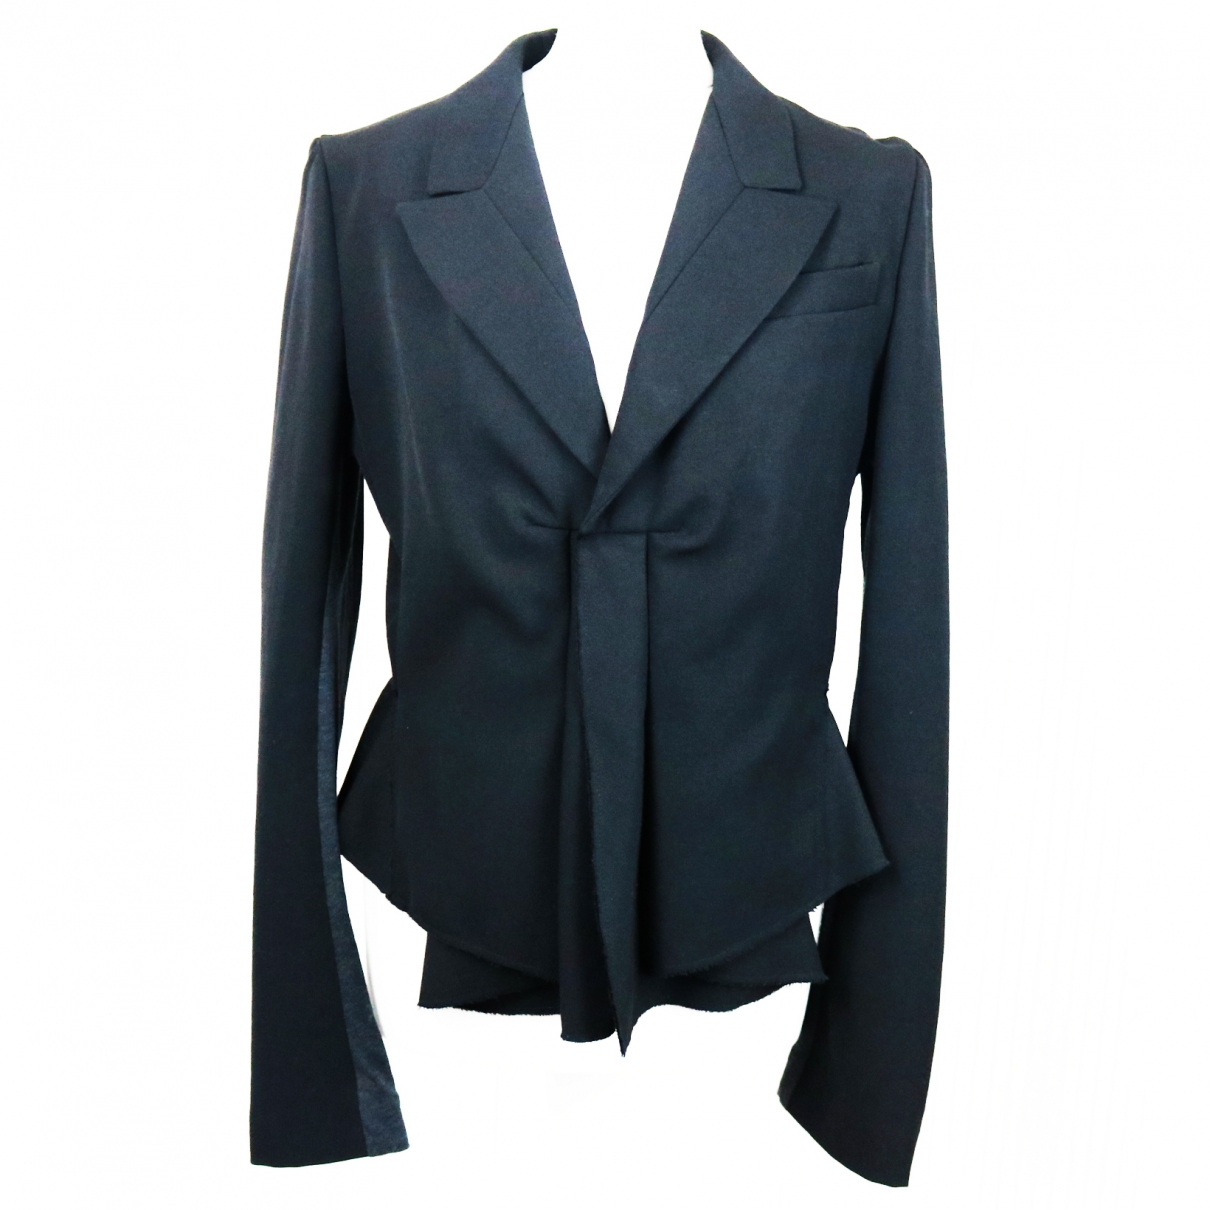 Marni \N Black Wool jacket for Women 44 IT